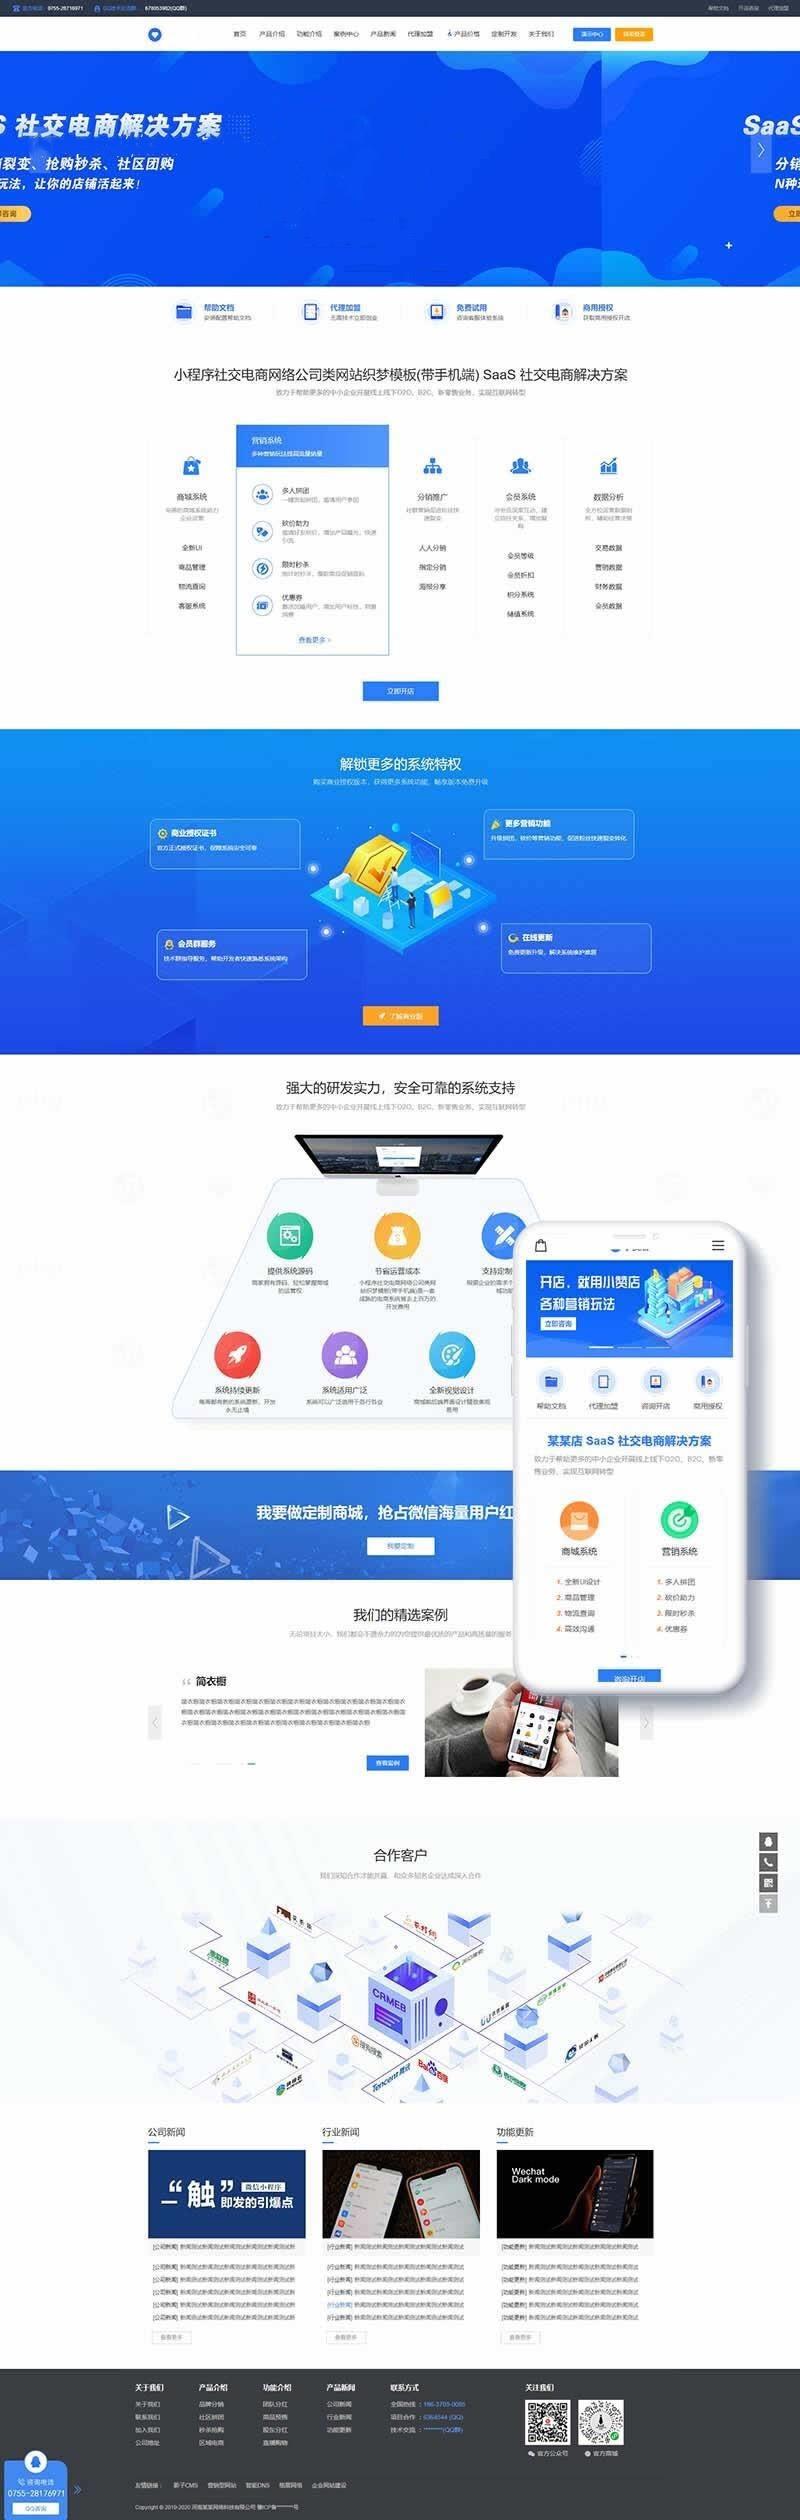 社交电商小程序官网网站模板